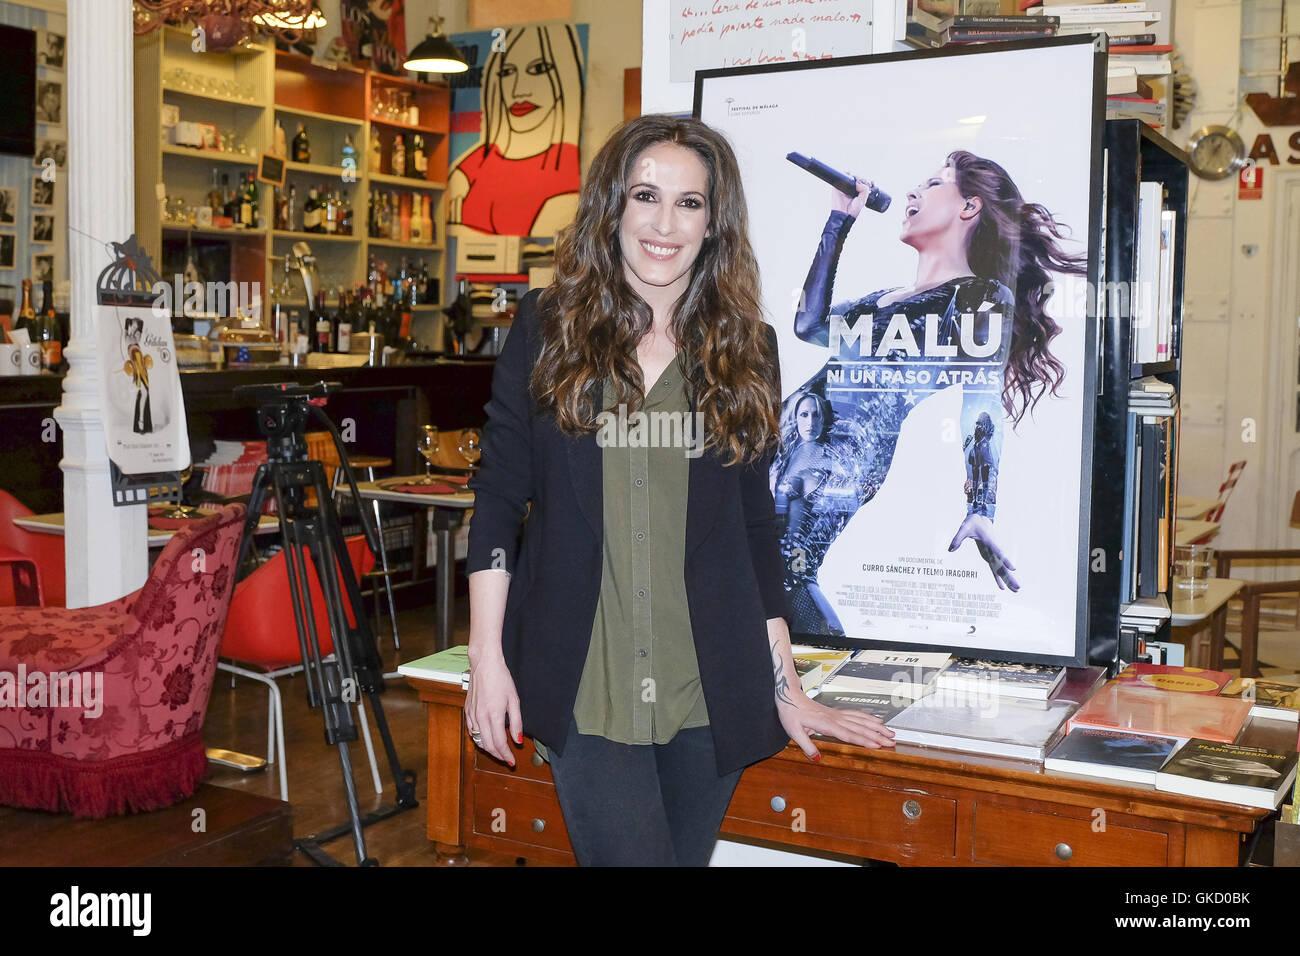 La cantante española Malú atiende un photocall para el documental 'MALÚ, NO UN PASO ATRÁS' Imagen De Stock